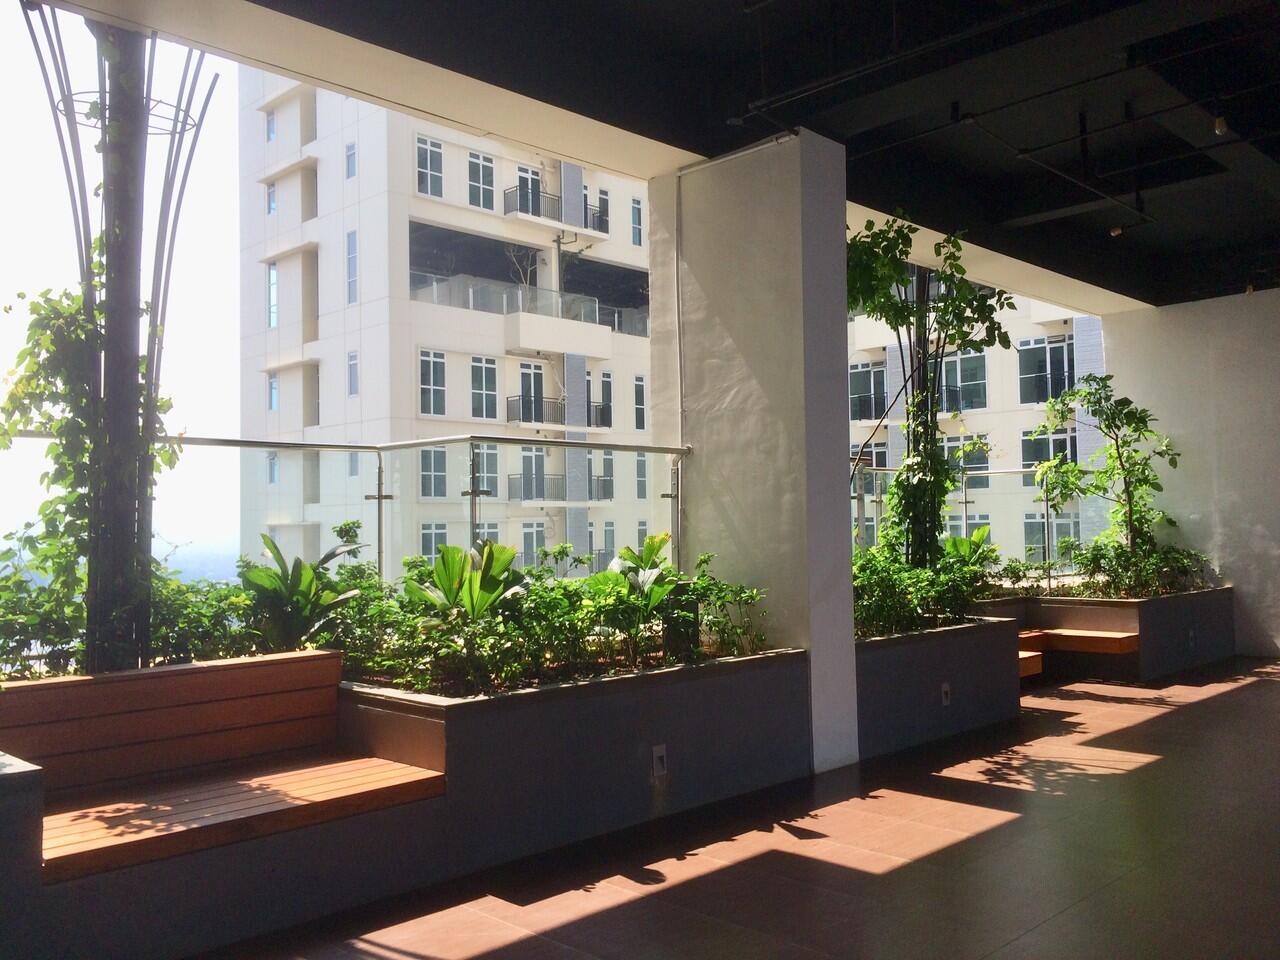 Disewakan Apartemen Puri Orchard (Studio Unit) - Murah dan Eksklusif